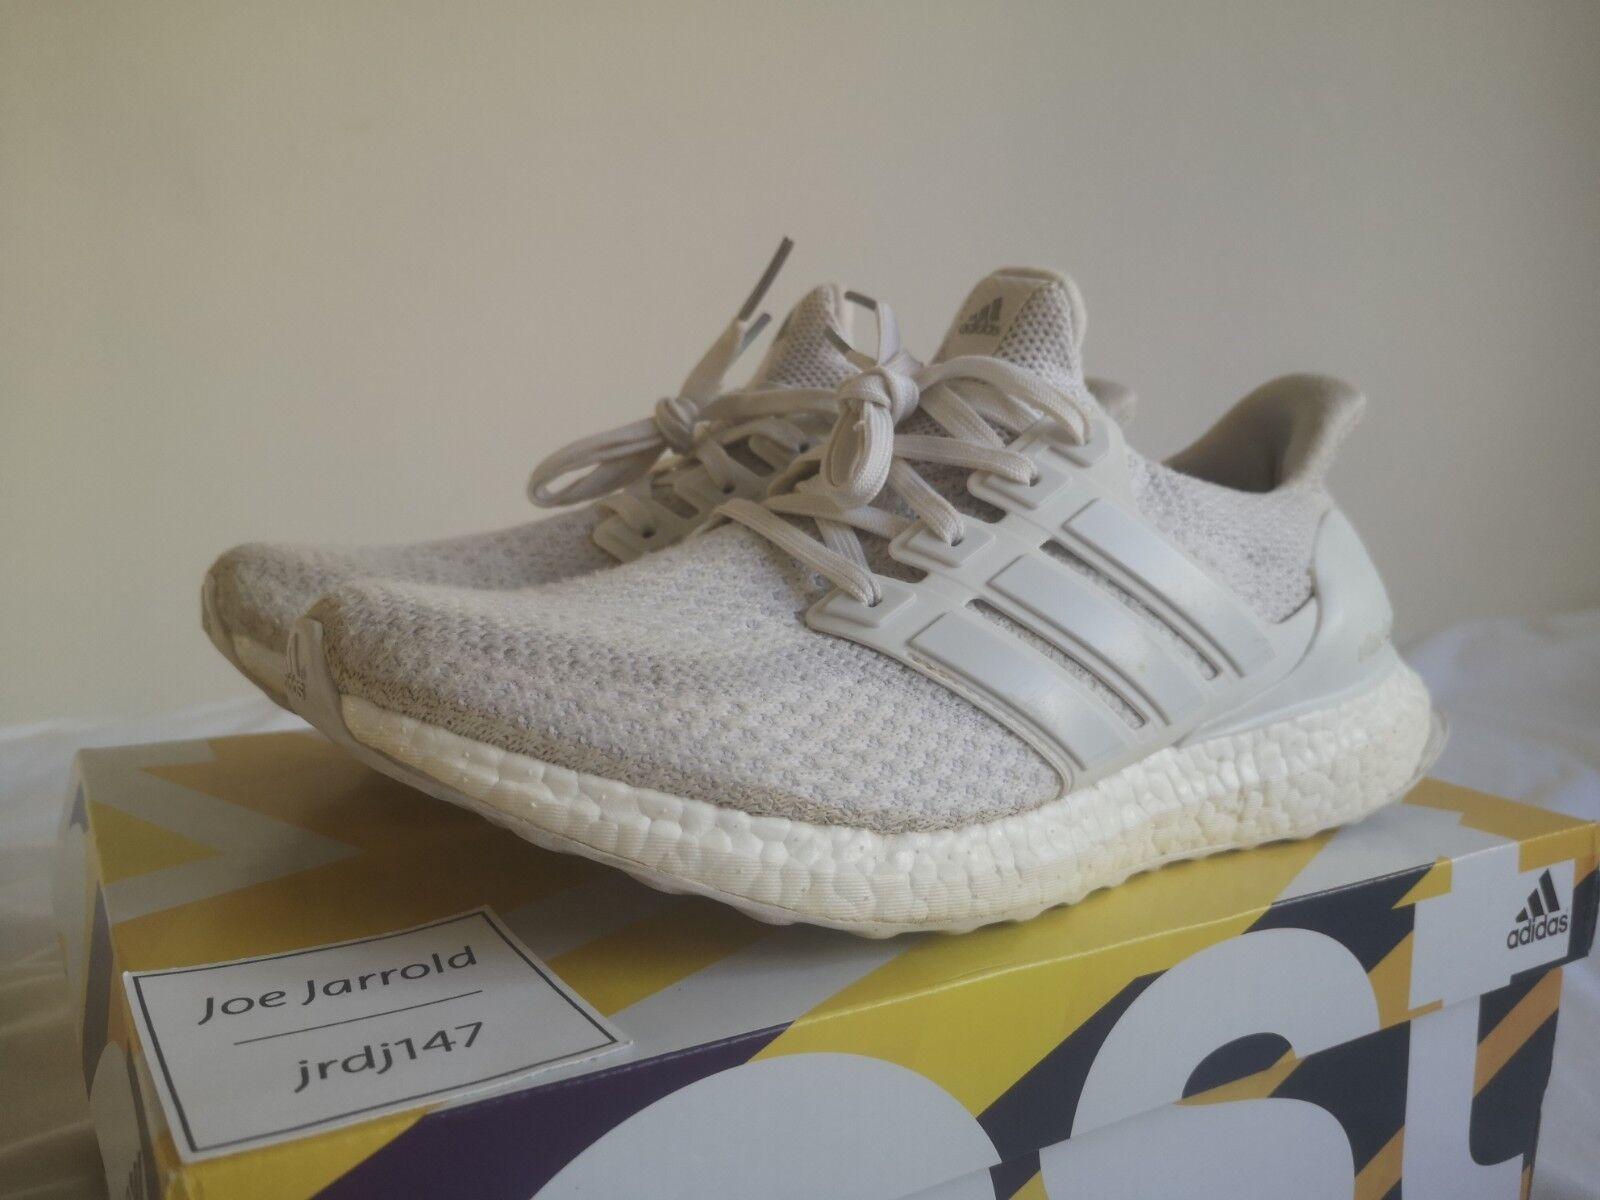 Adidas (AQ5929) Ultra BOOST 2.0 - Triple Weiß (AQ5929) Adidas | UK8.5 / US9 592526